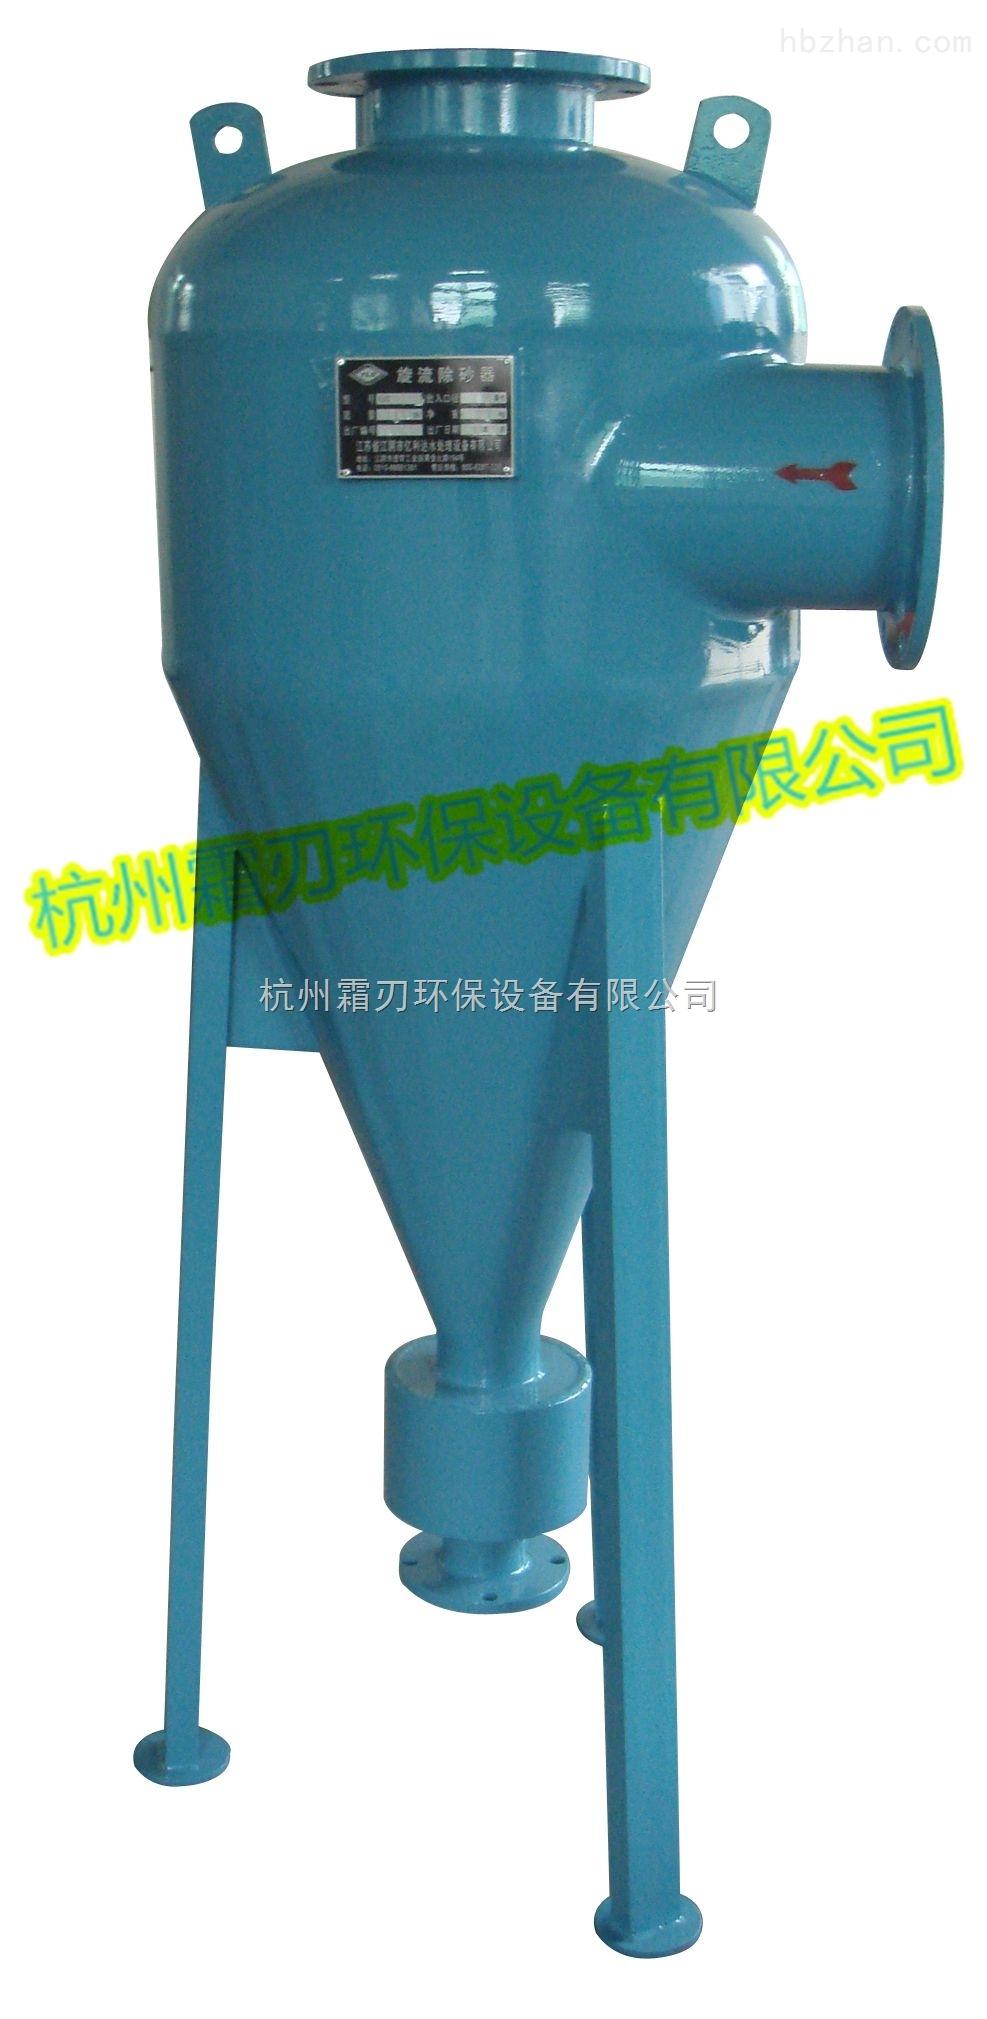 井水旋流除砂器设备供应